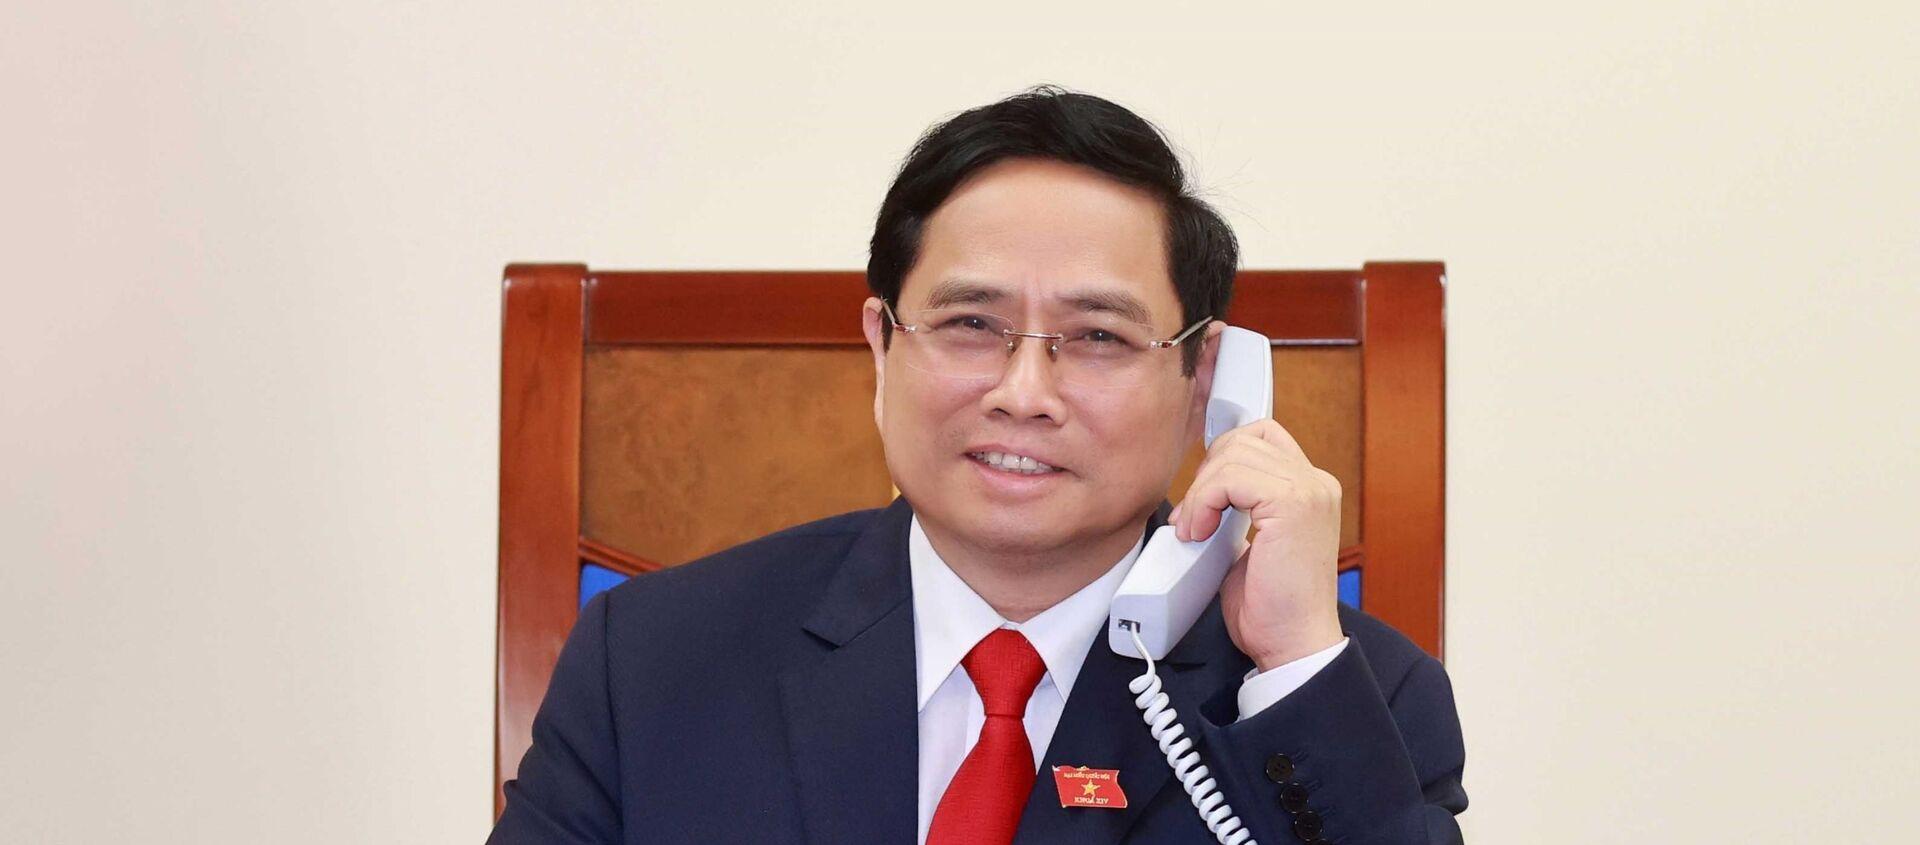 Thủ tướng Chính phủ Phạm Minh Chính.  - Sputnik Việt Nam, 1920, 06.04.2021